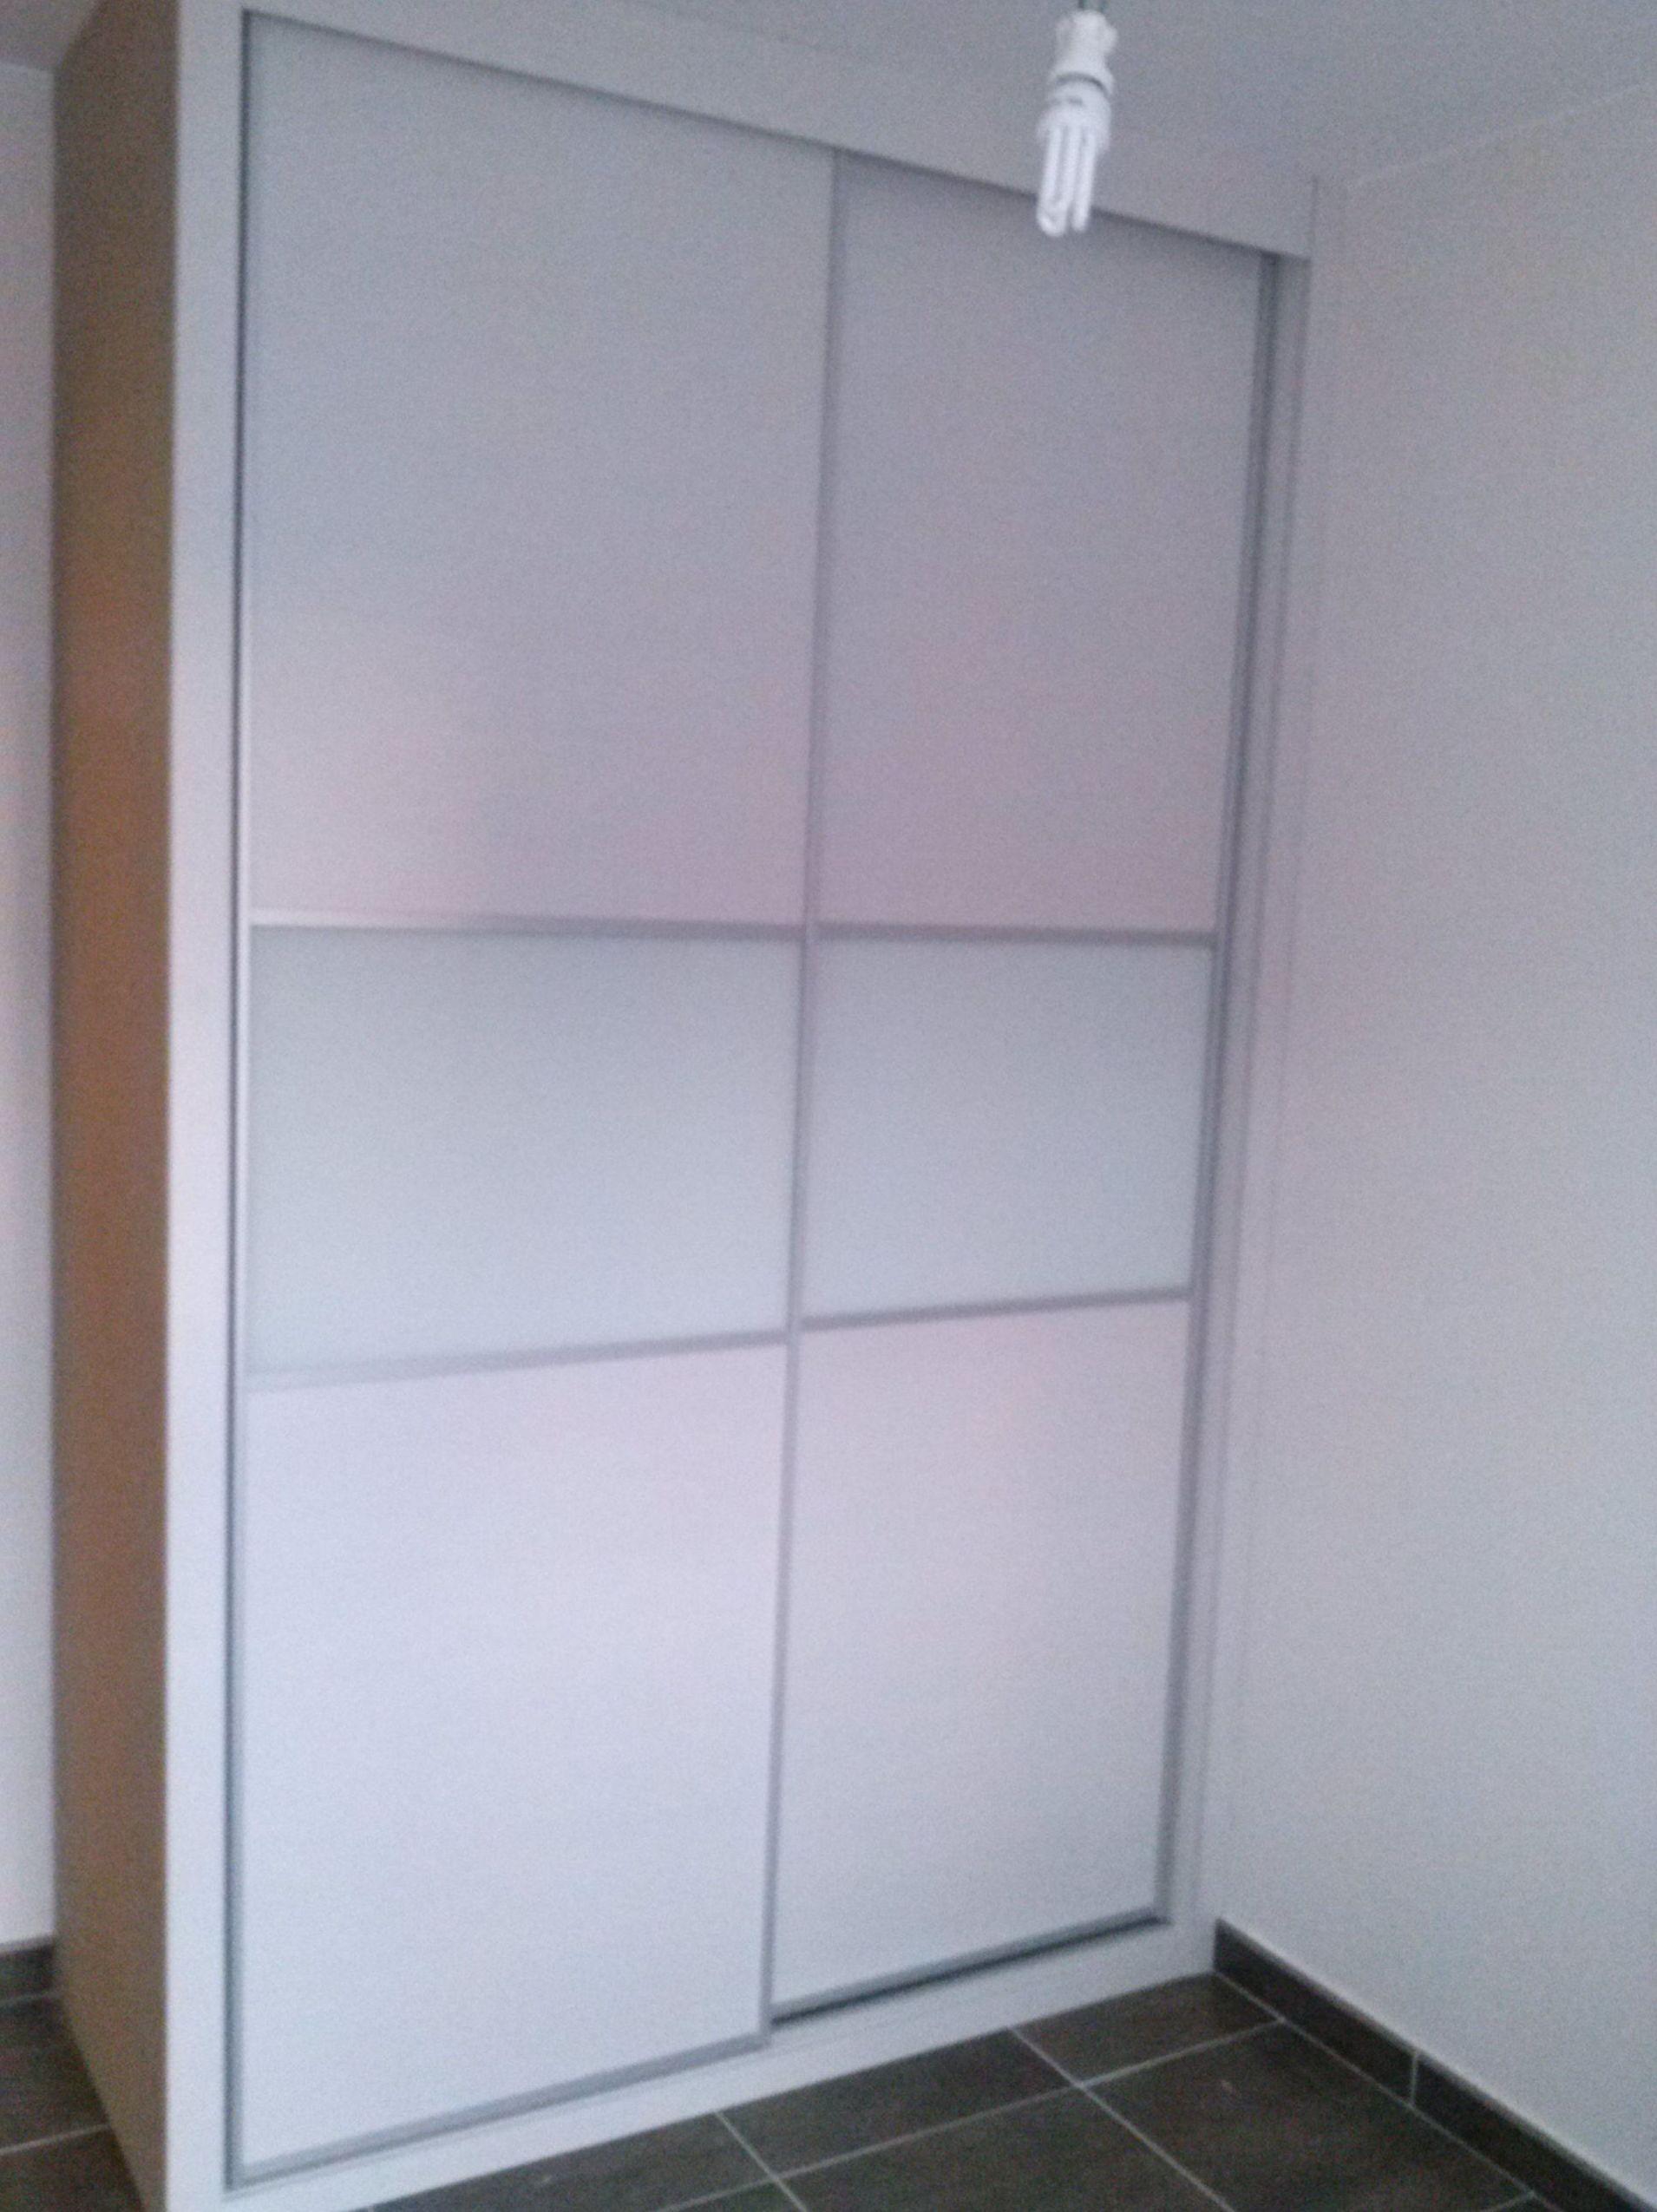 Armarios empotrados puertas correderas awesome armario - Puertas correderas armarios empotrados ...